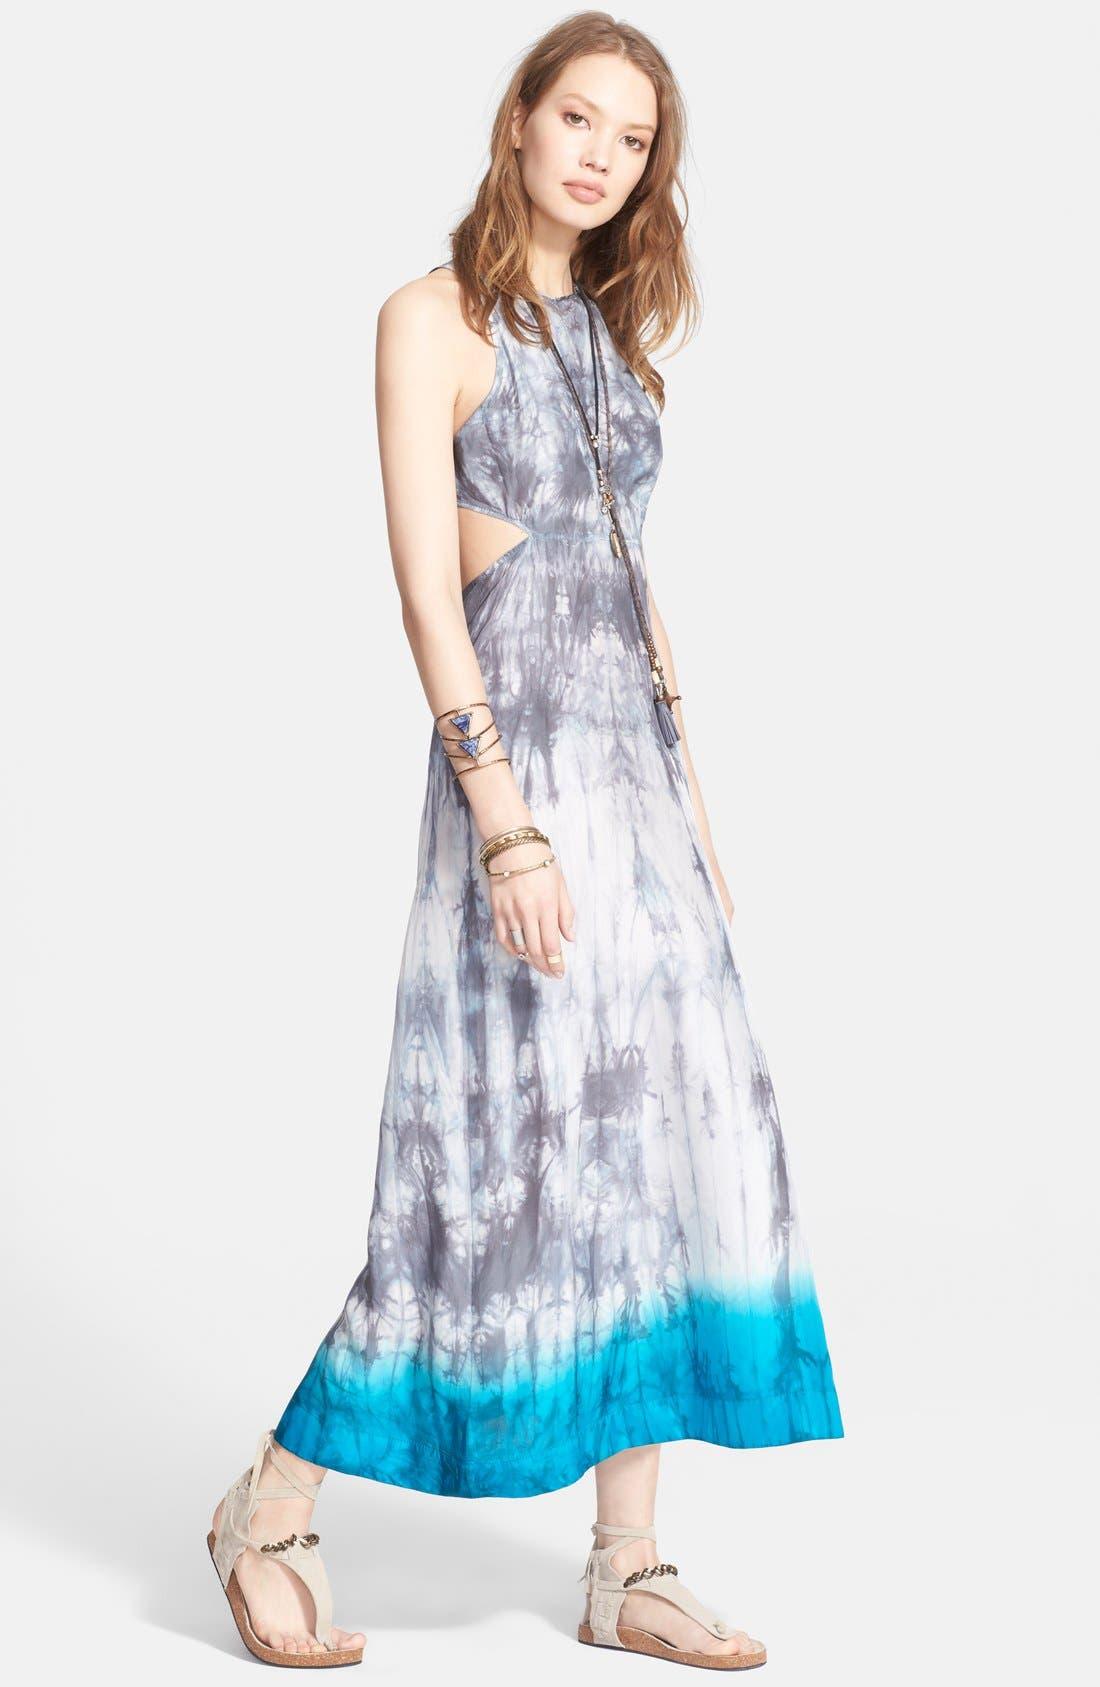 Alternate Image 1 Selected - Free People 'Shadow' Tie Dye Silk Dress